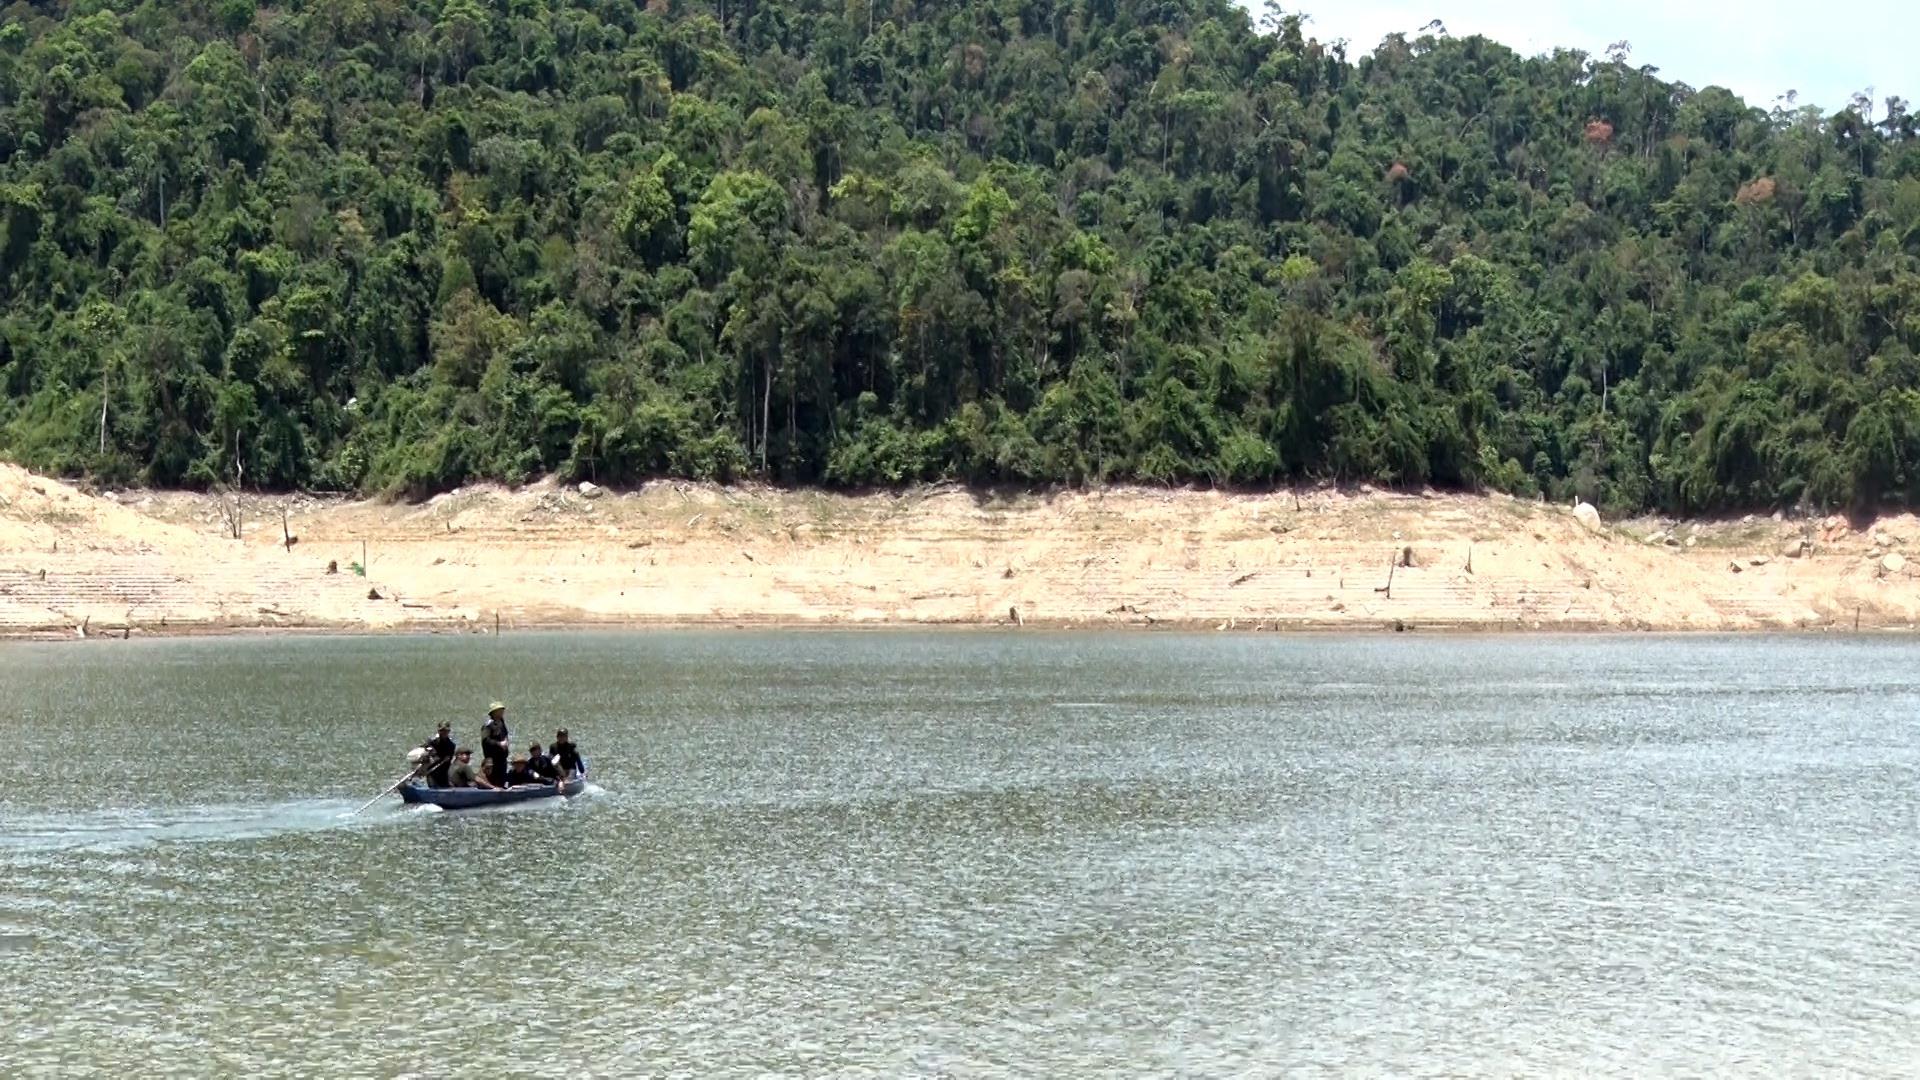 Hình Đội tuần tra Ban quản lý rừng phòng hộ huyện Bắc Trà My đi kiểm tra khu vực ươi đang chín rộ tại khu vực lòng hồ giáp ranh thôn 6 xã Trà Bui, huyện Bắc Trà My.